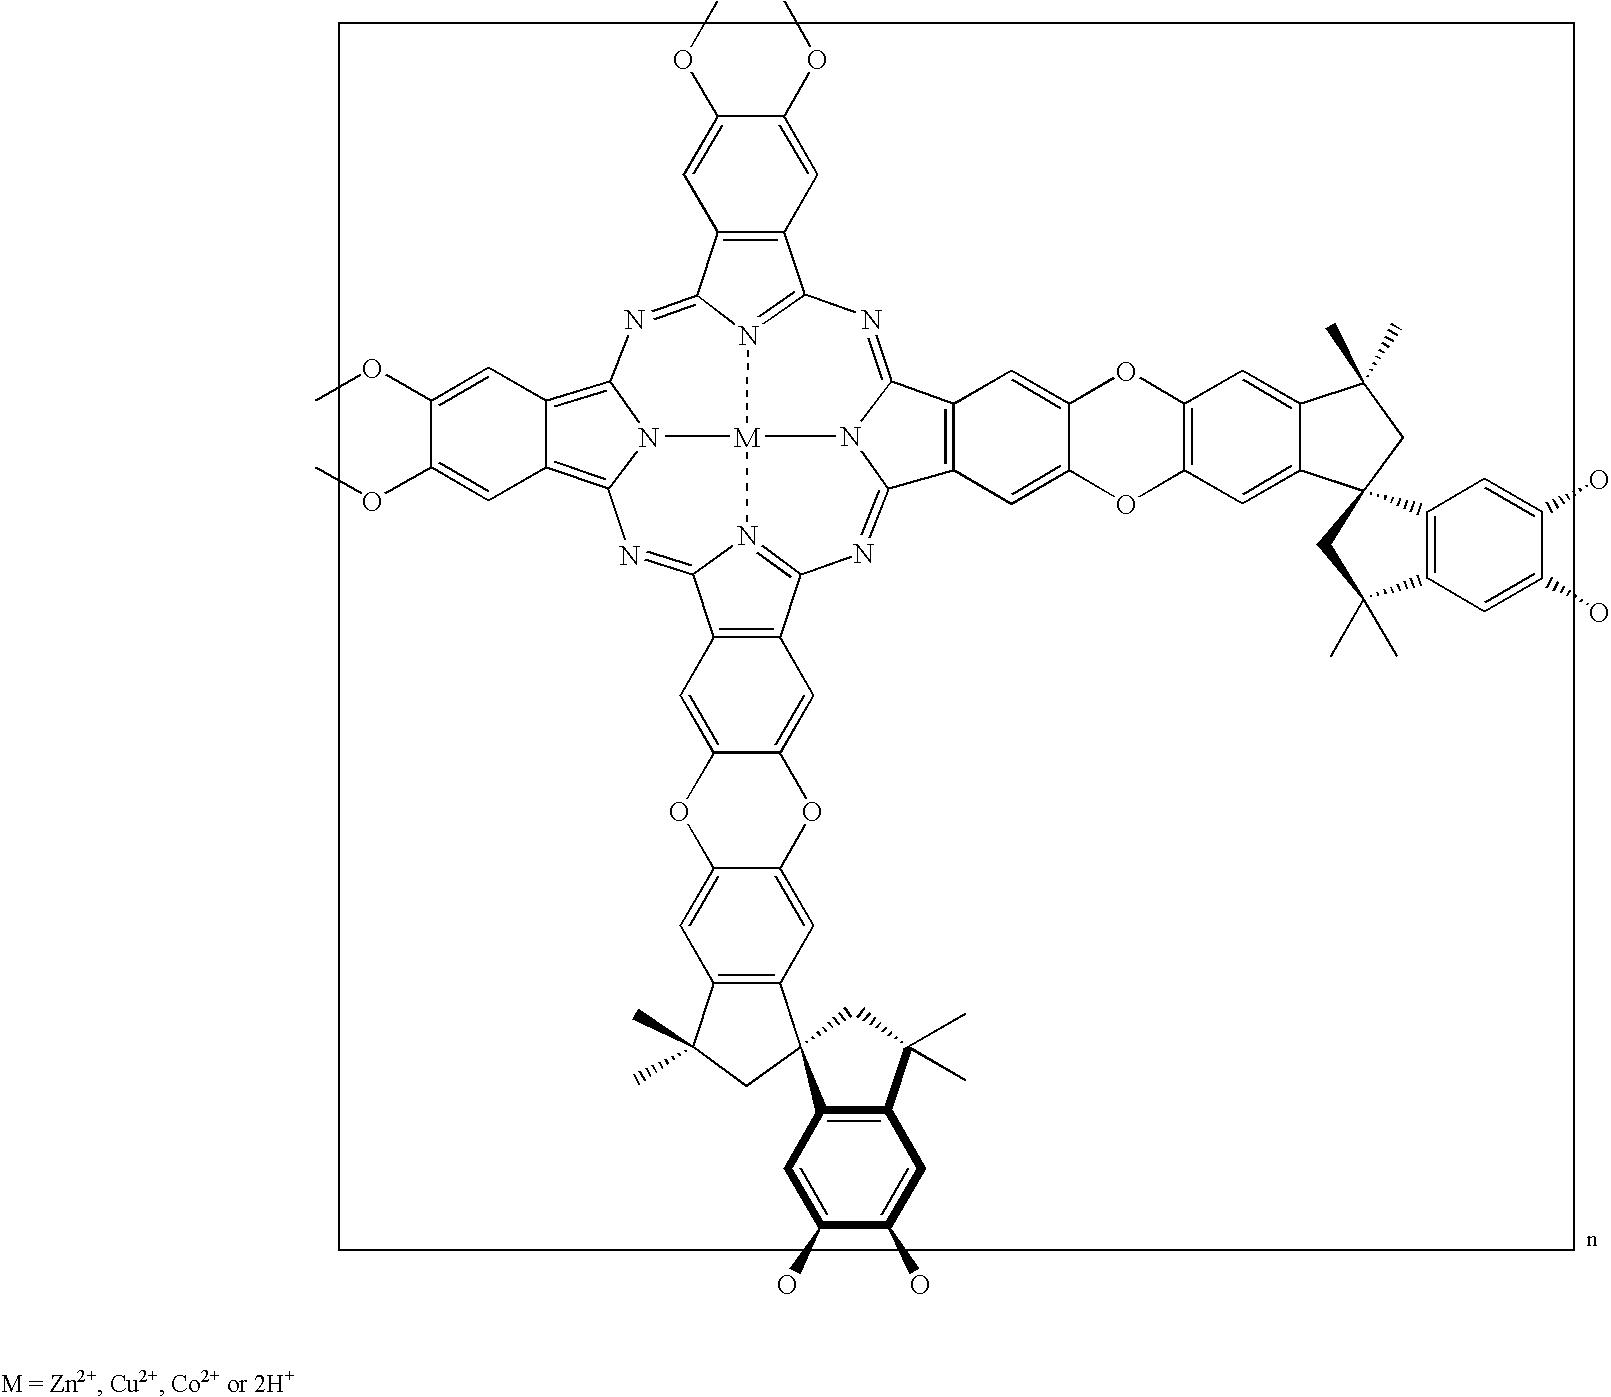 Figure US20090031897A1-20090205-C00004